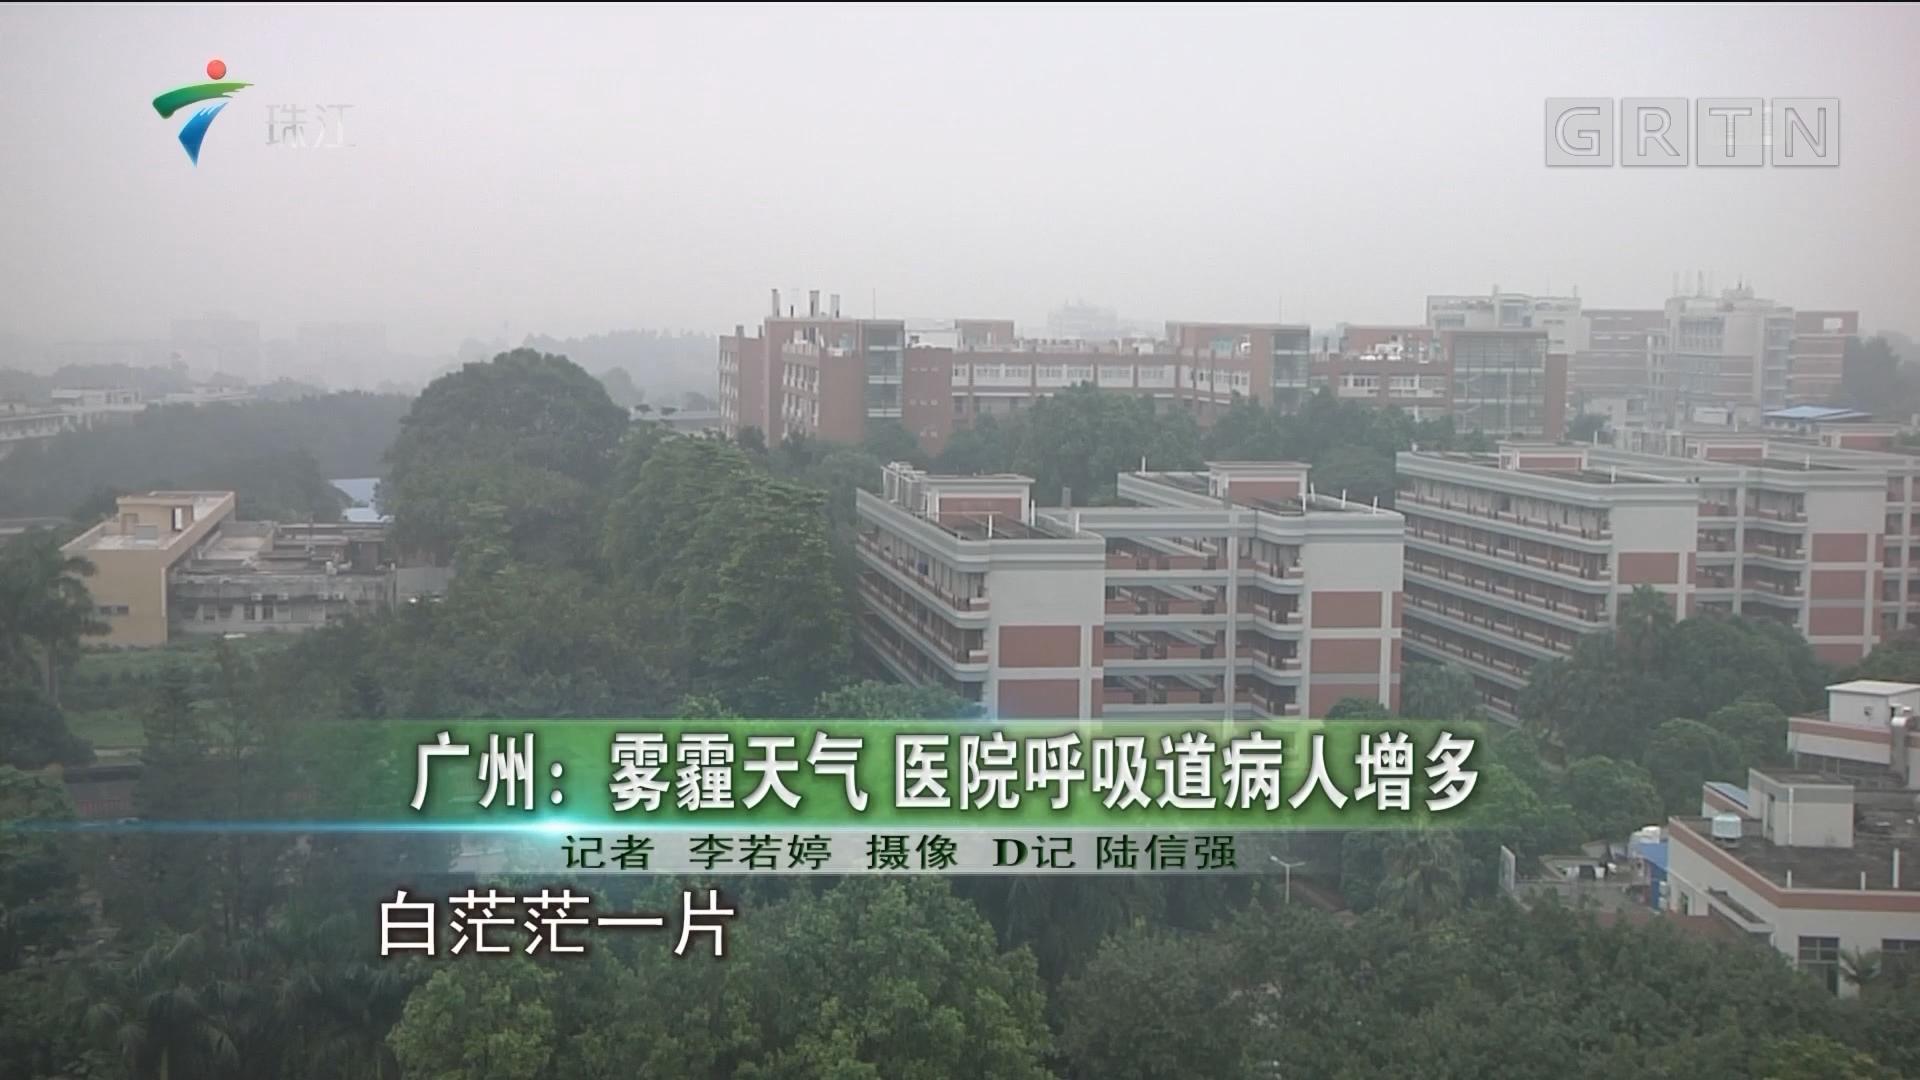 广州:雾霾天气 医院呼吸道病人增多